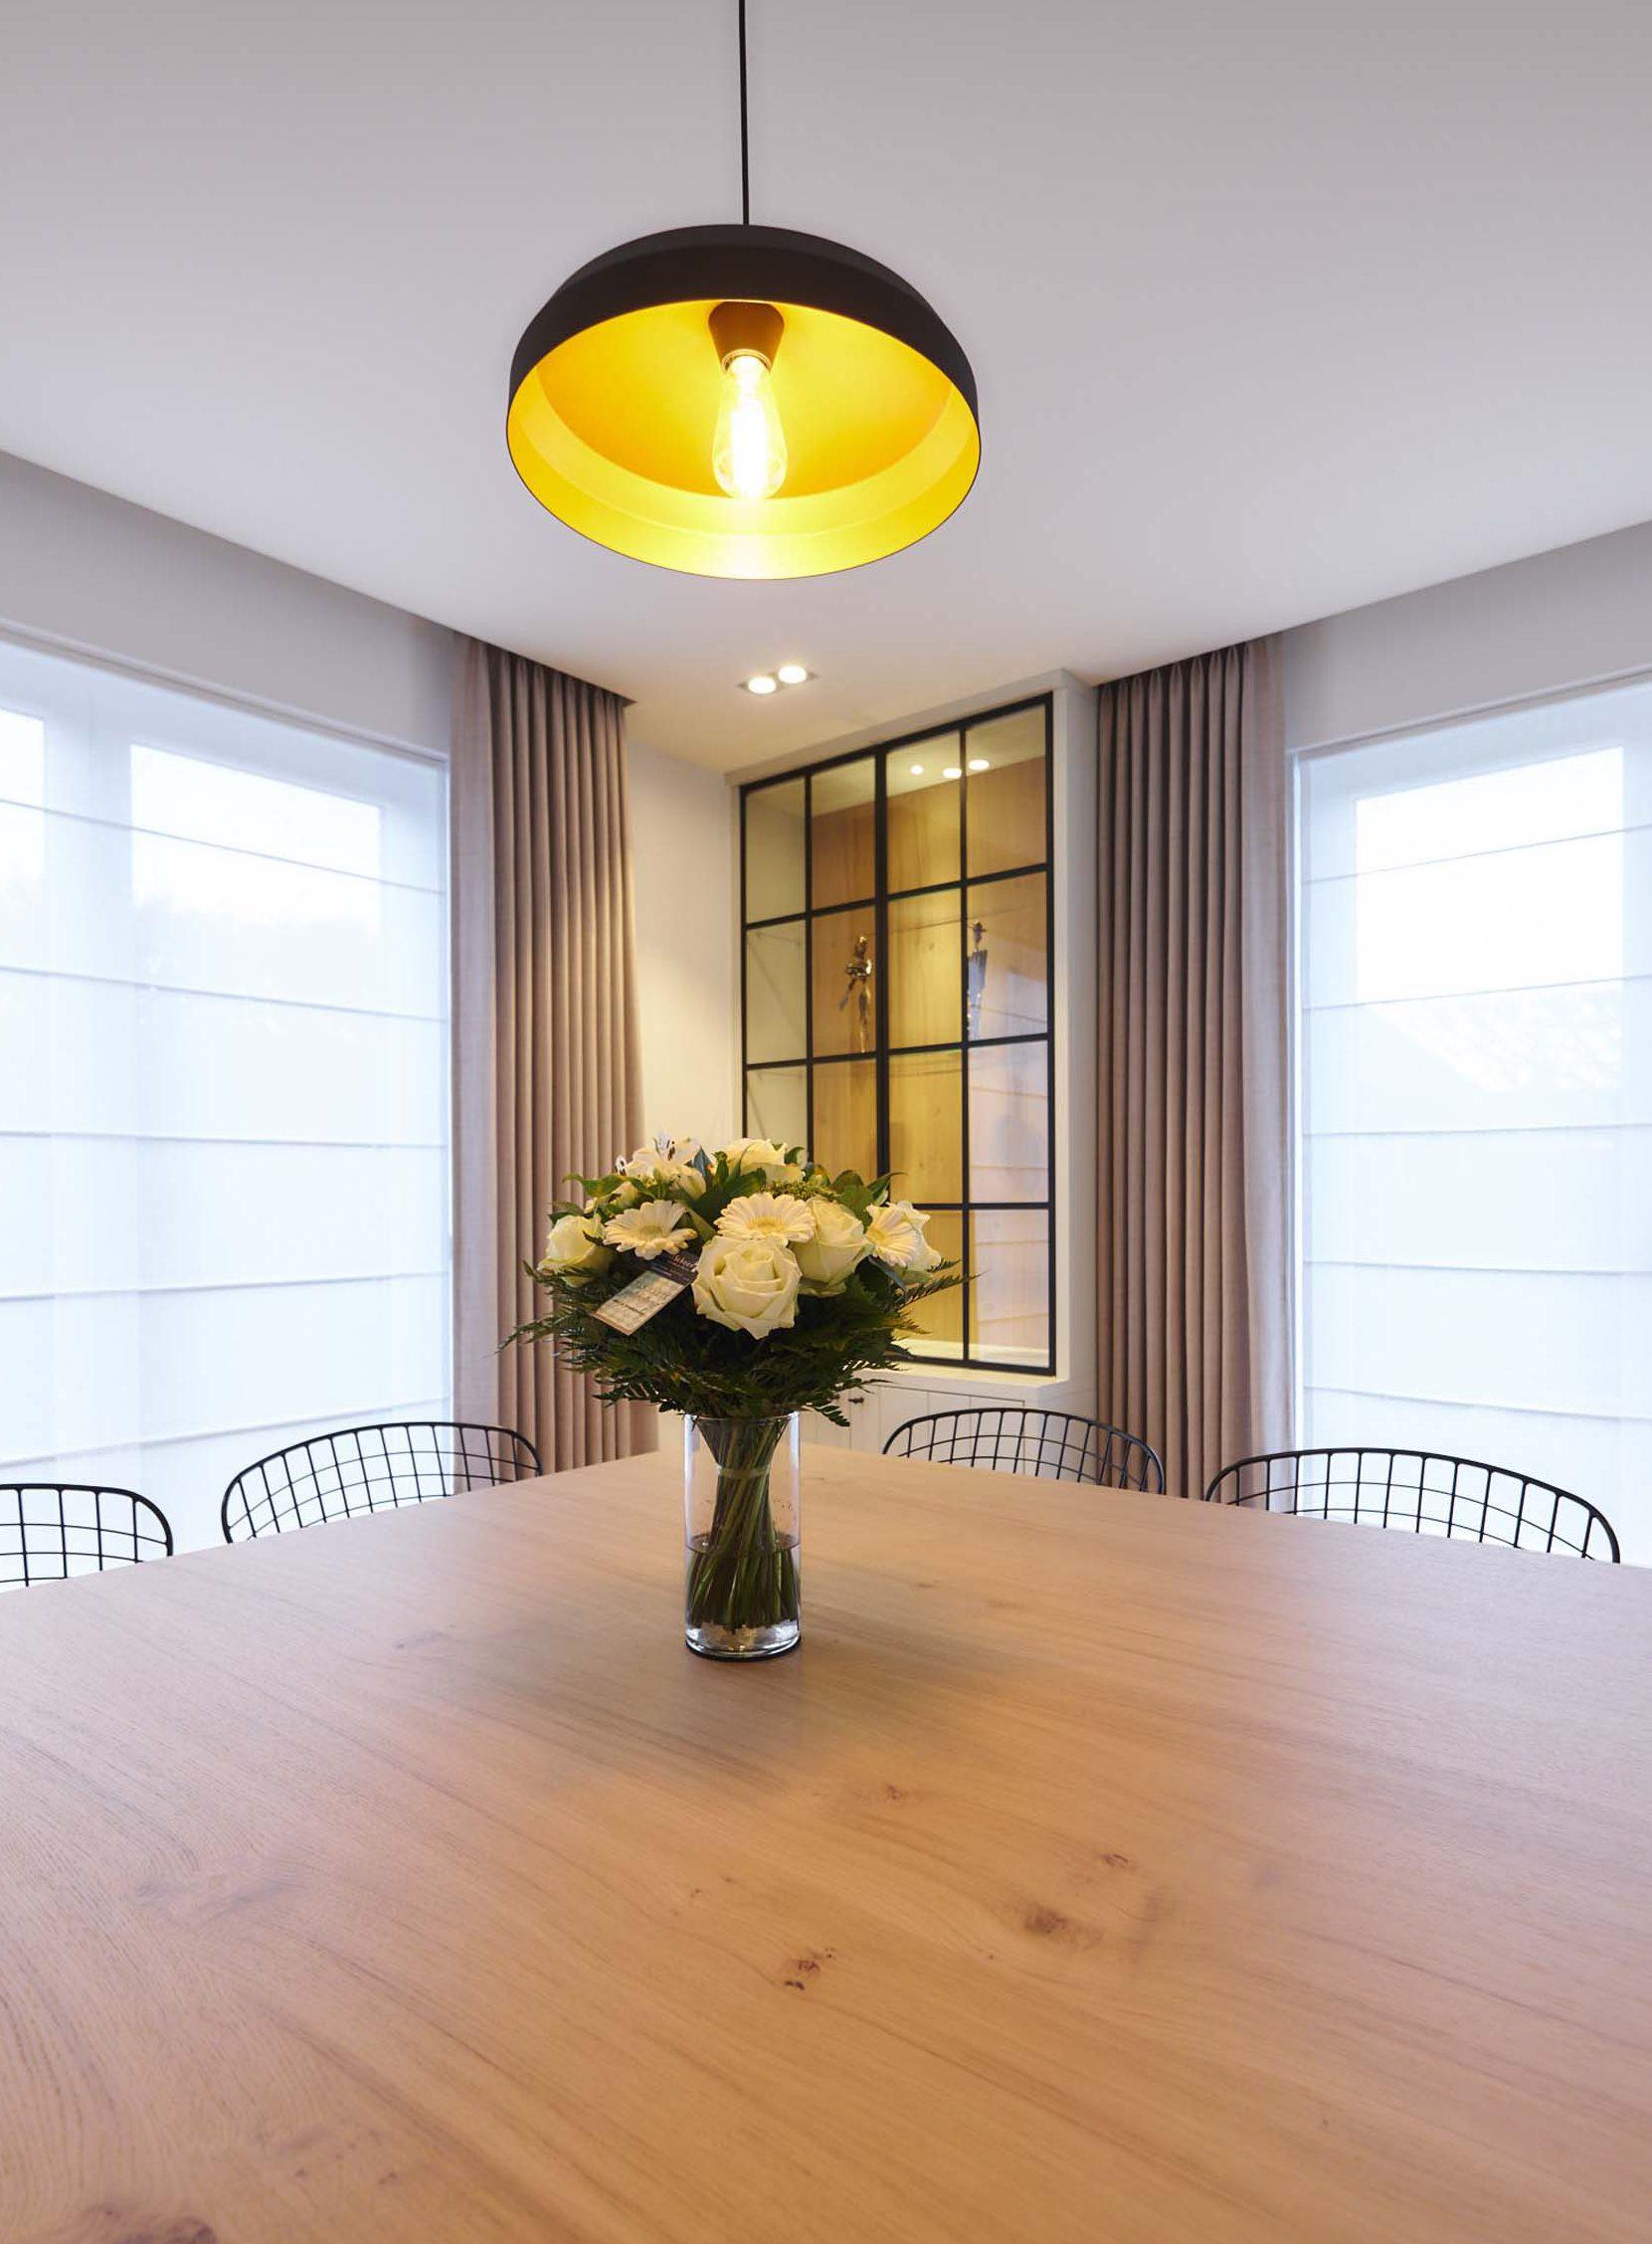 Vanda-projects-interieurinrichting-meubelmakerij-oost-vlaanderen-vilez-bloemen